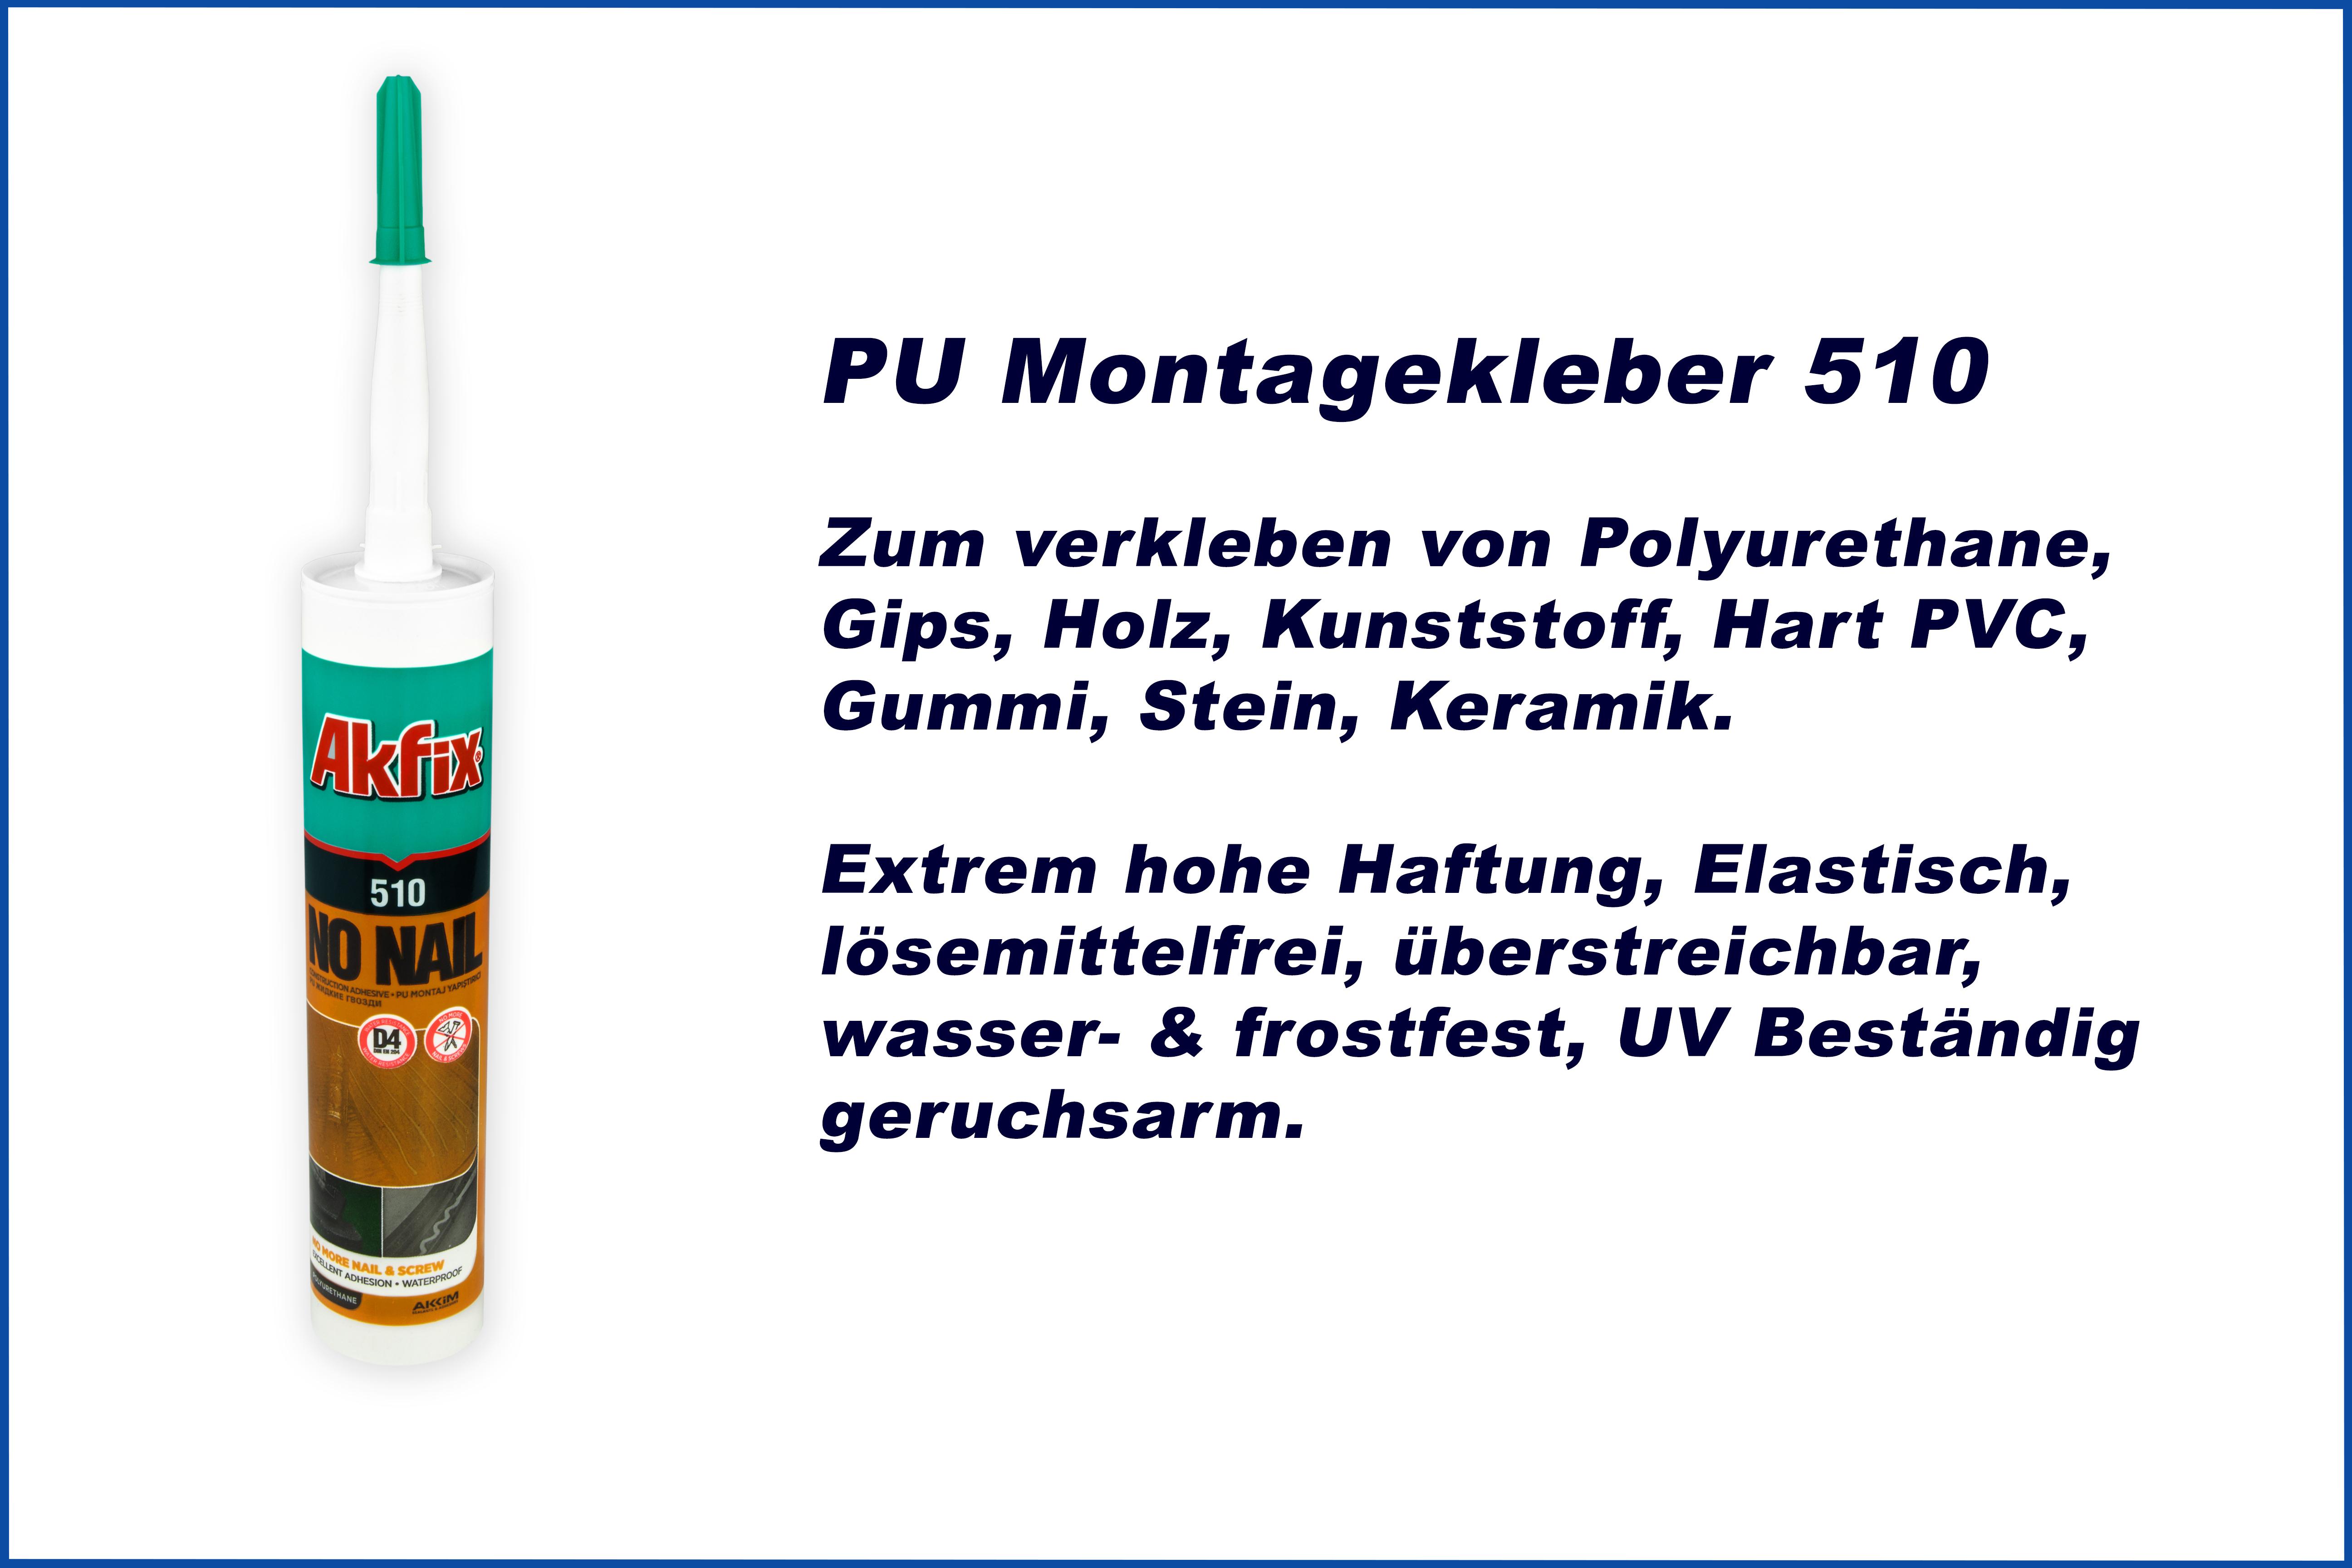 1 Kartusche | Montagekleber | PU | frostfest | Akfix | Akfix 510